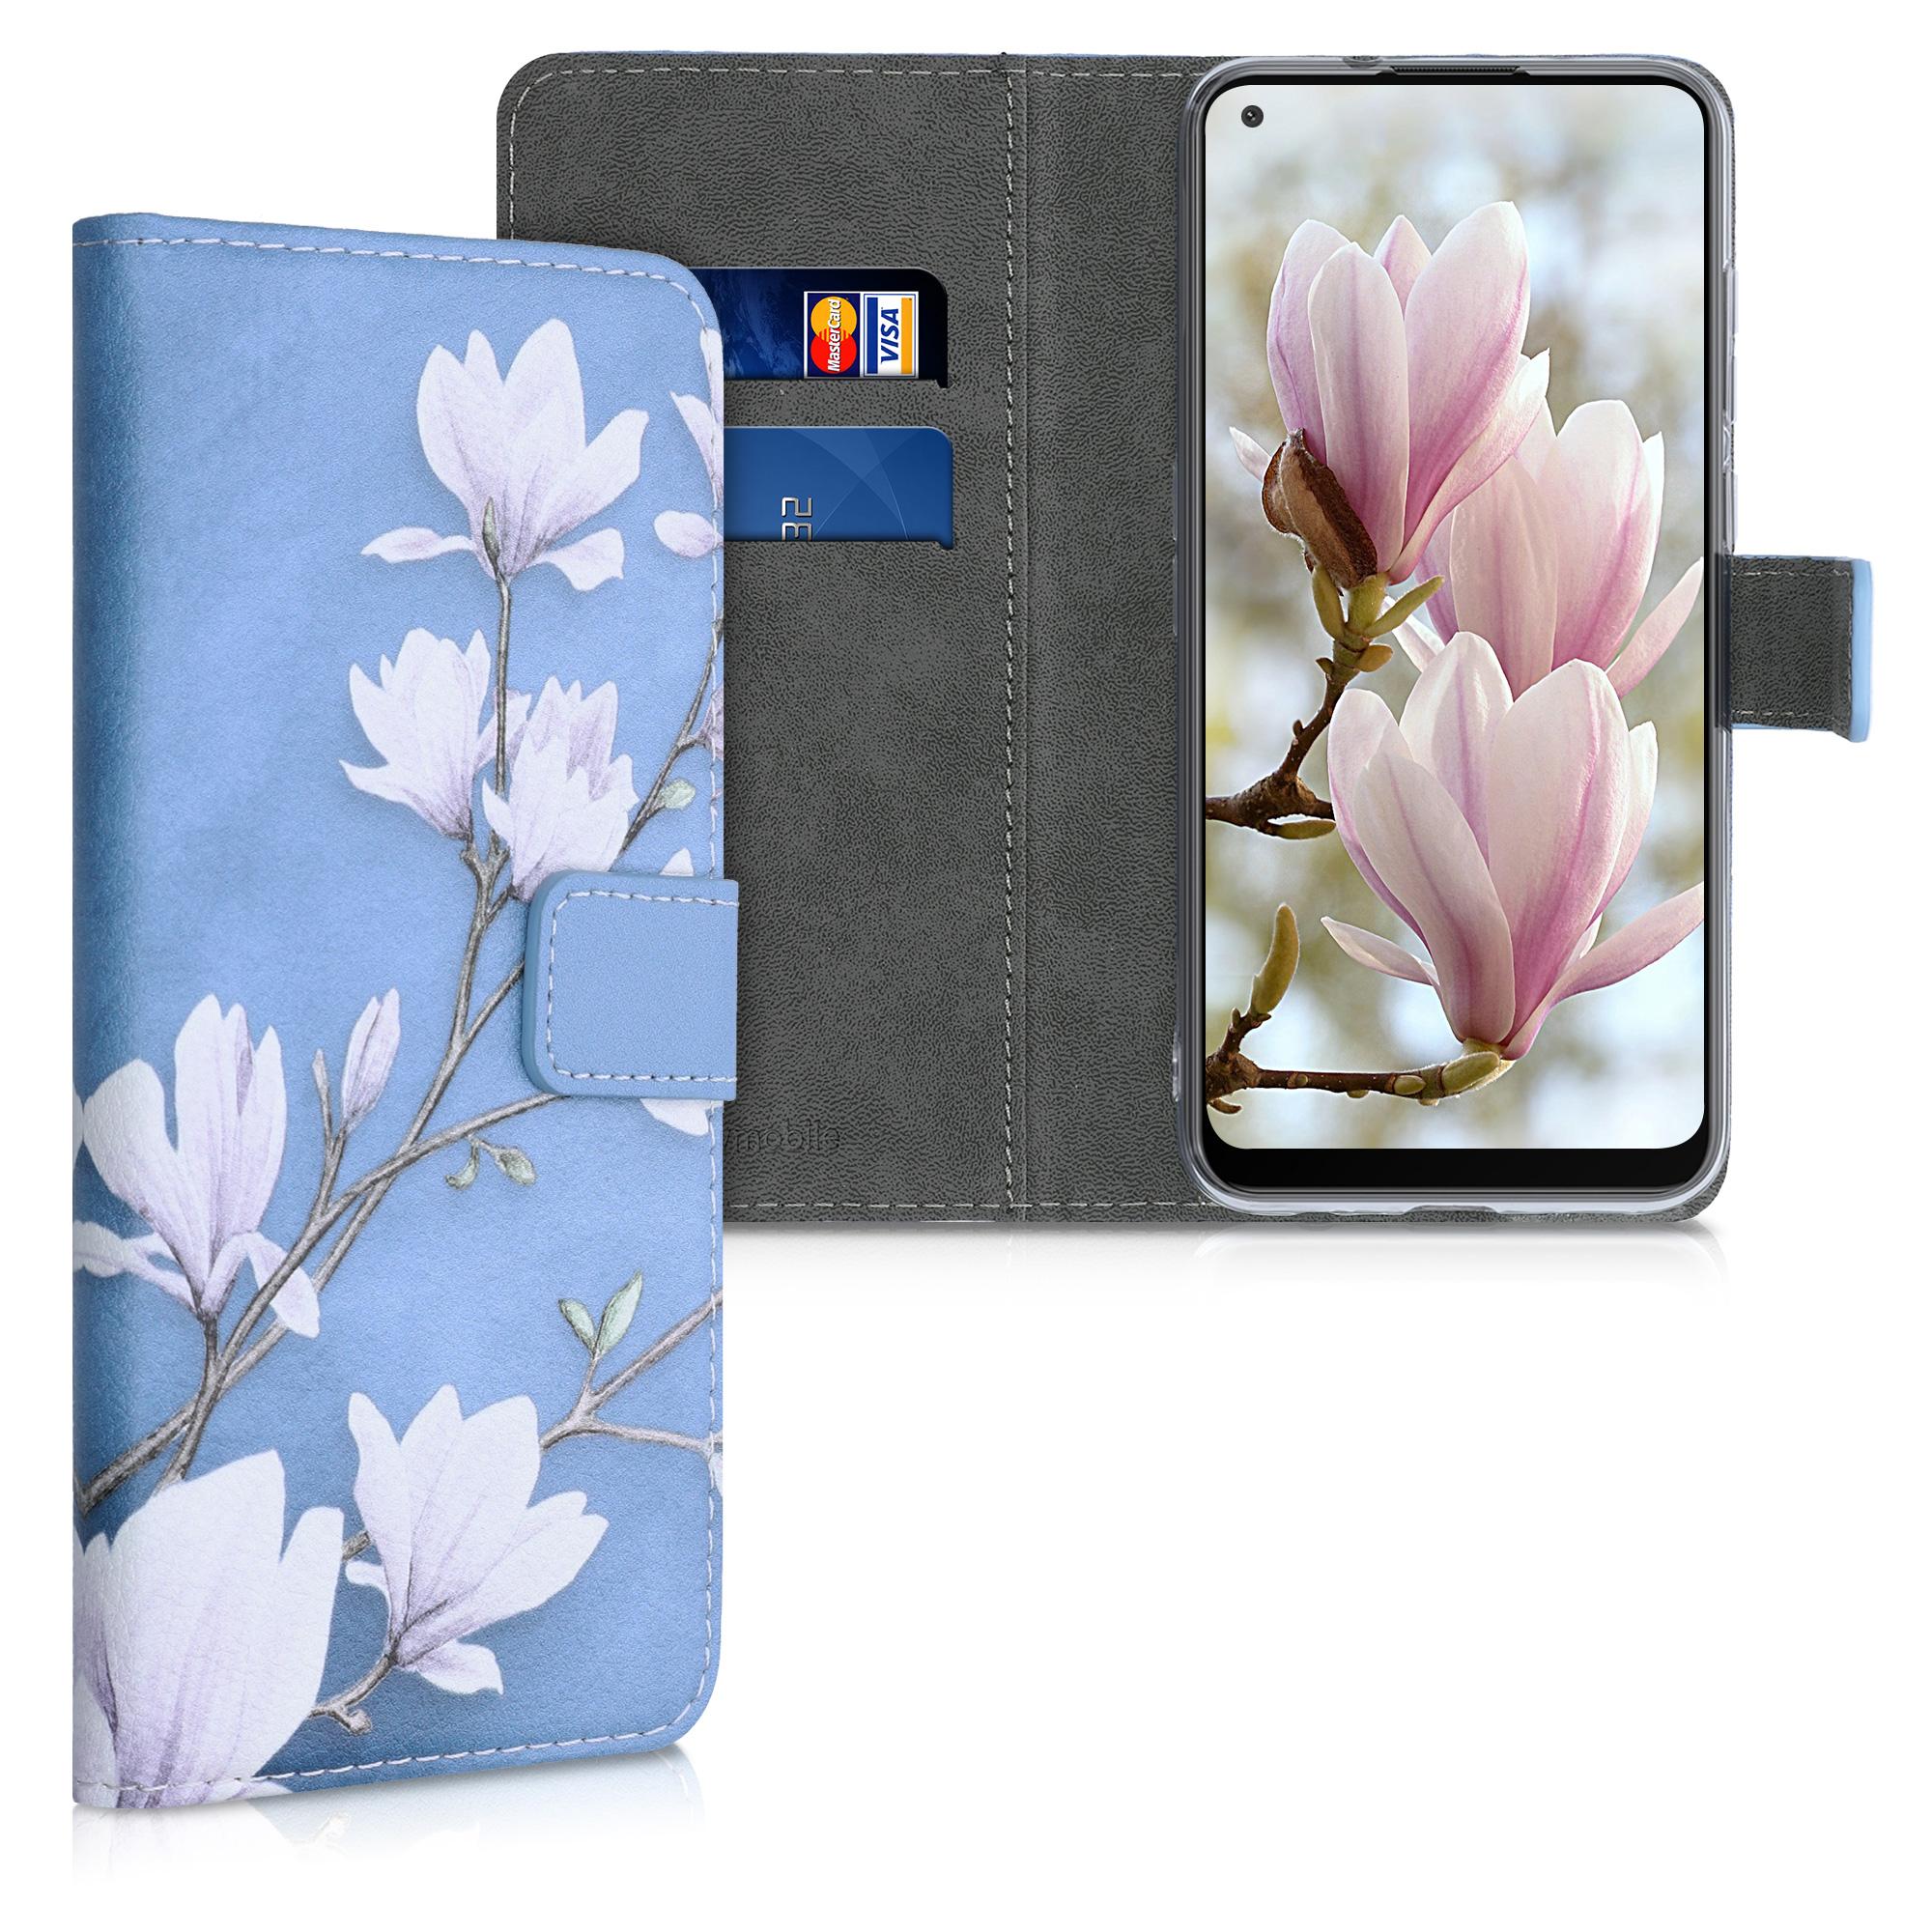 Kožené pouzdro pro Samsung M11 - Magnolie Taupe / bílá / modrá šedá